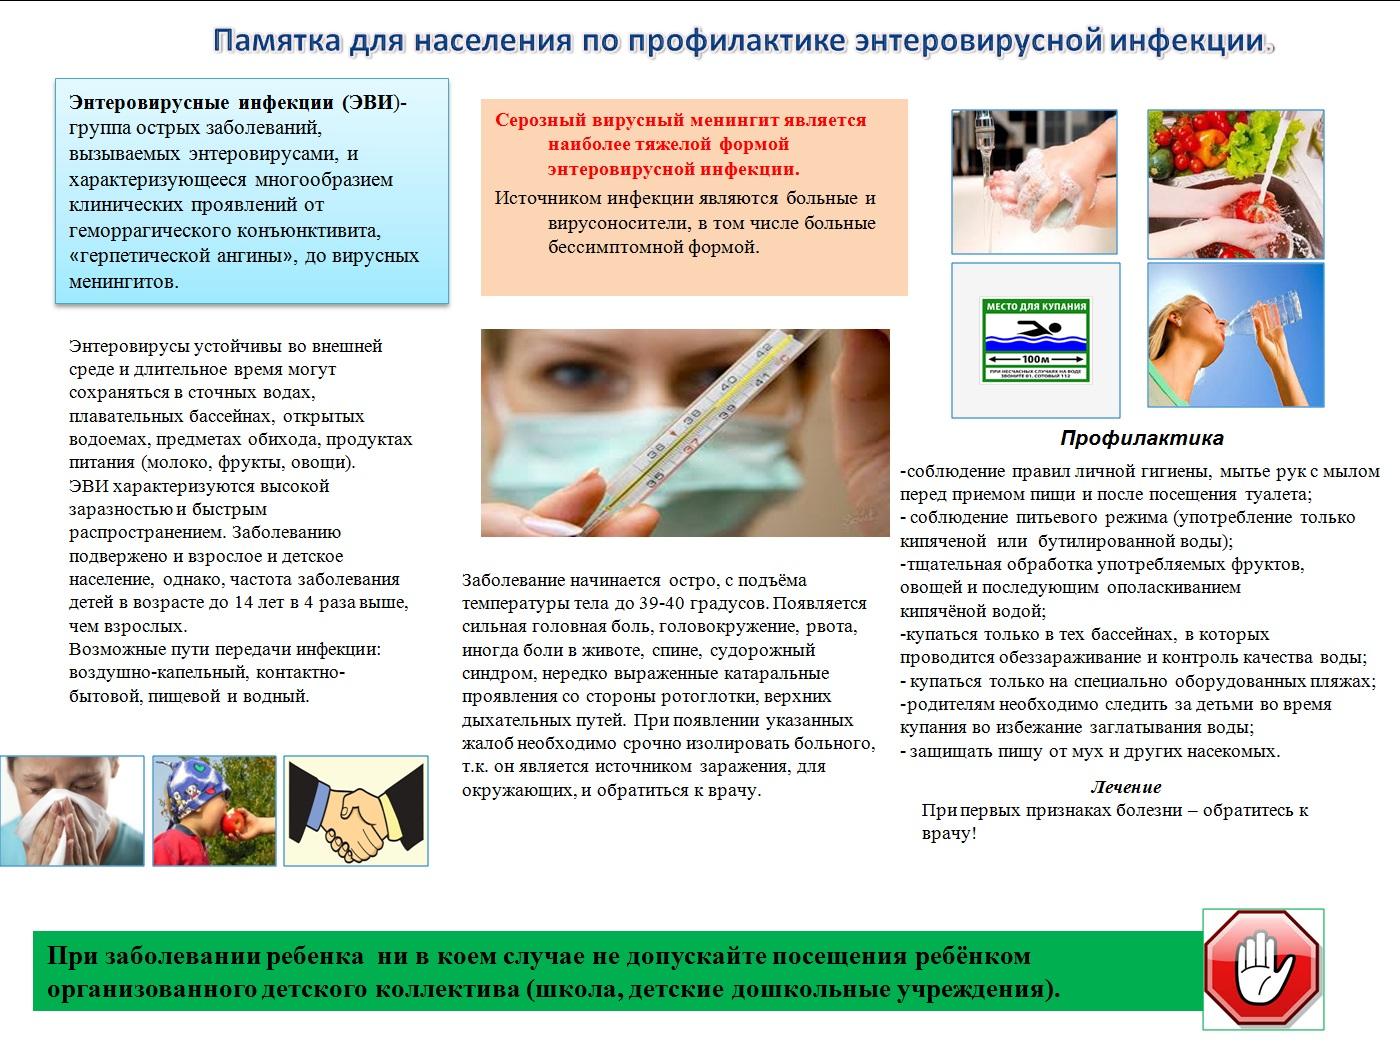 Энтеровирусная инфекция: симптомы, диагностика, лечение